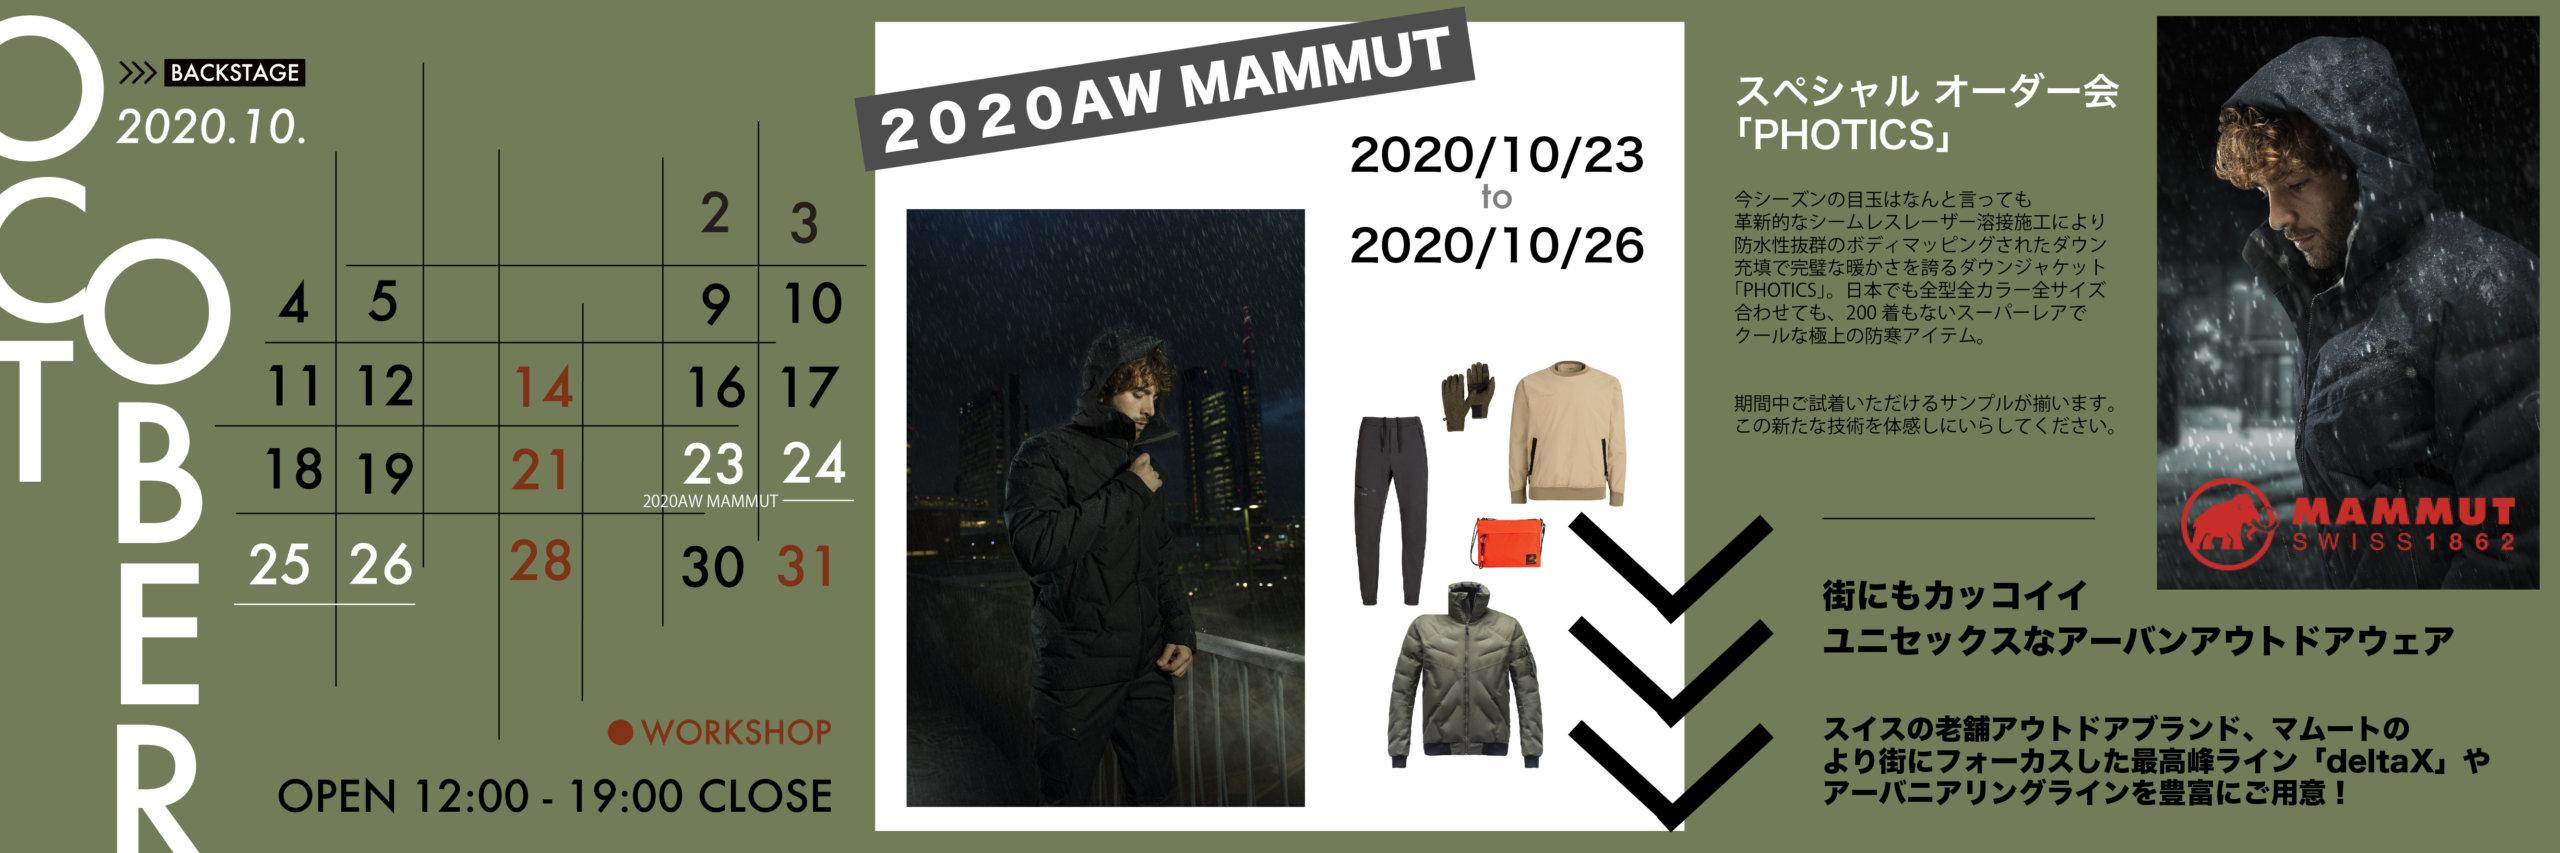 2020年10月のイベントはMAMMUT 2020AW新作ご紹介!